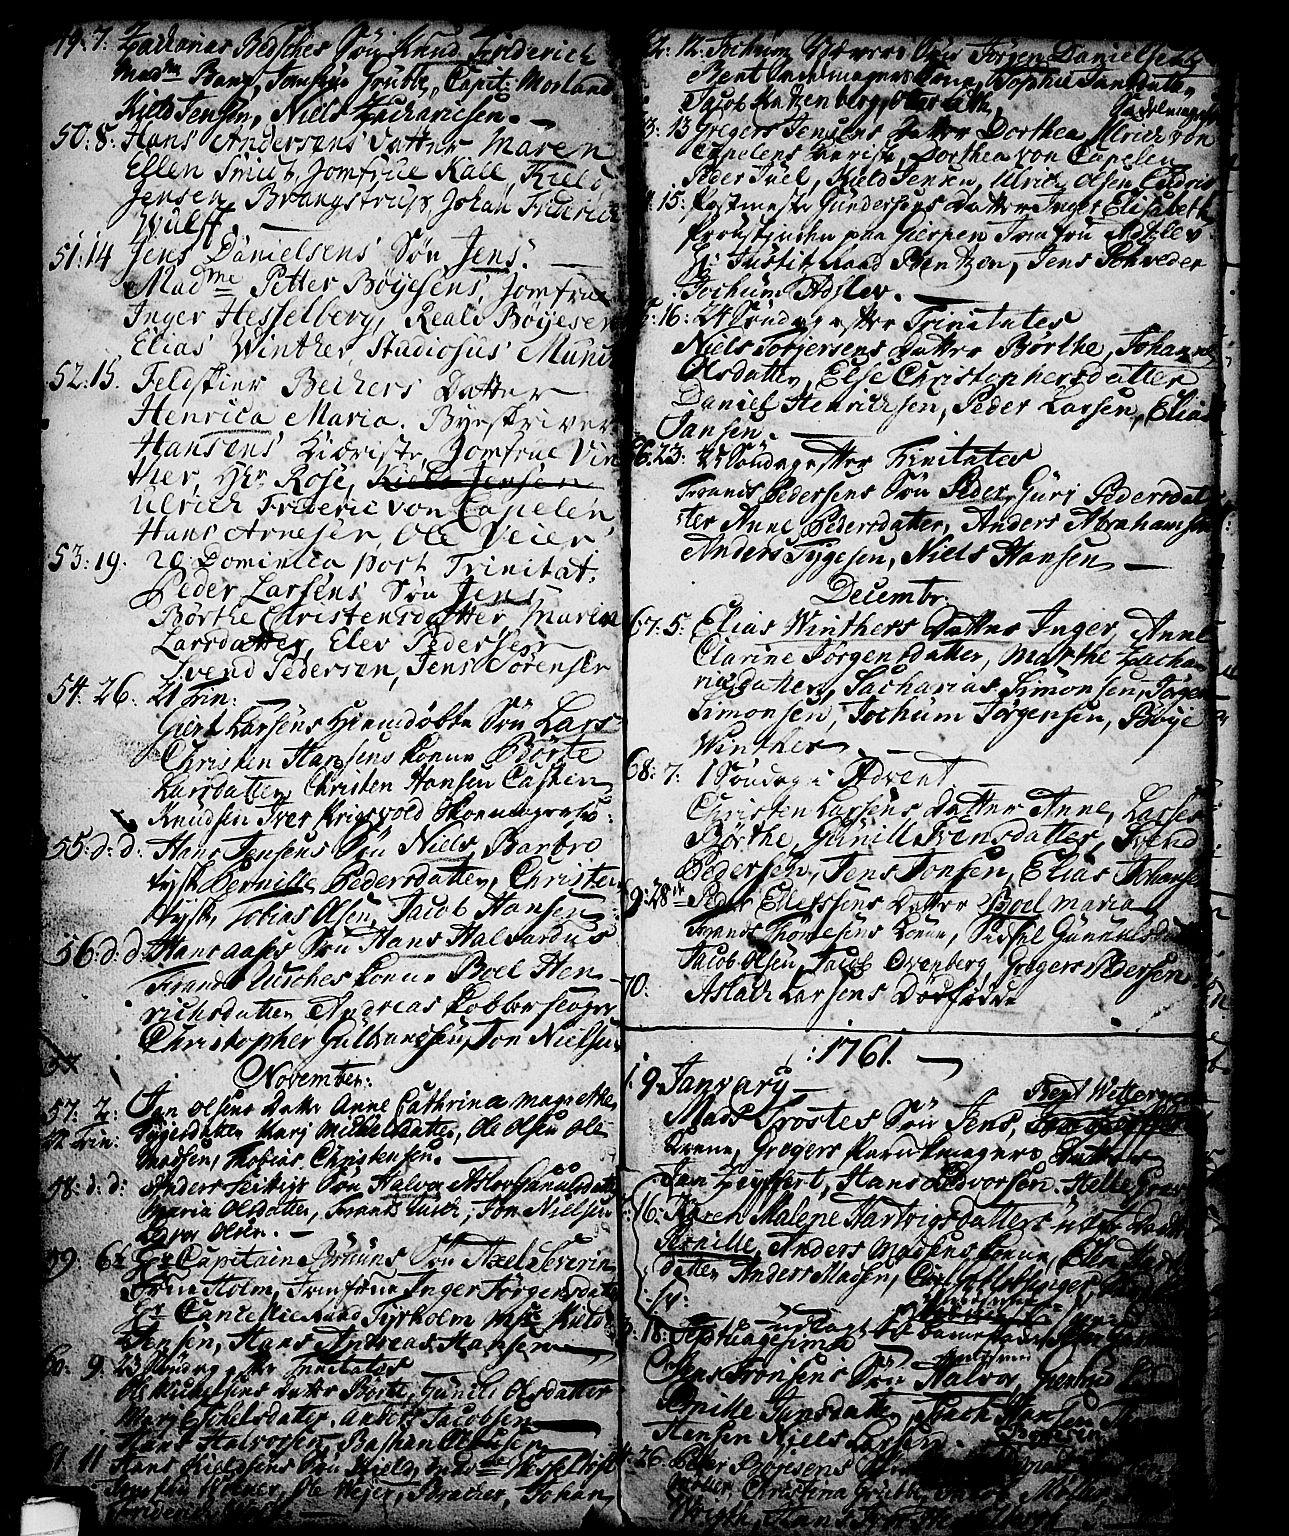 SAKO, Skien kirkebøker, G/Ga/L0001: Klokkerbok nr. 1, 1756-1791, s. 72